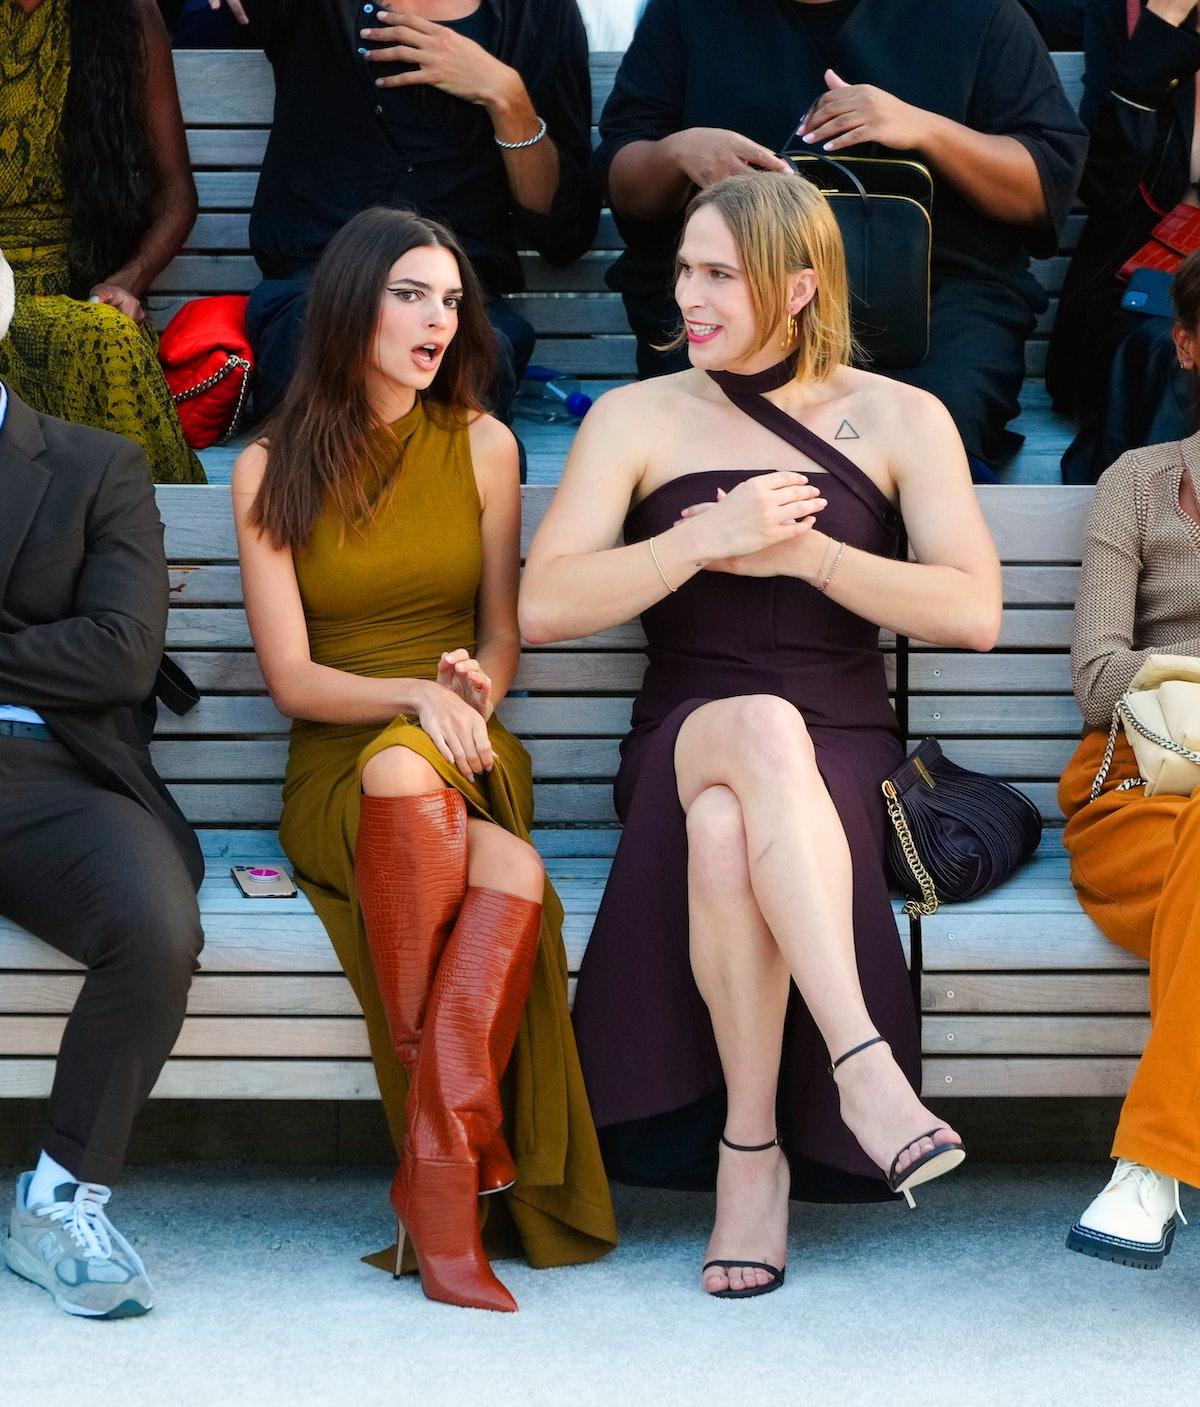 امیلی راتایکوفسکی و تامی دورفمن در نمایشگاه پروئنزا شولر در 08 سپتامبر 2021 در شهر نیویورک ....